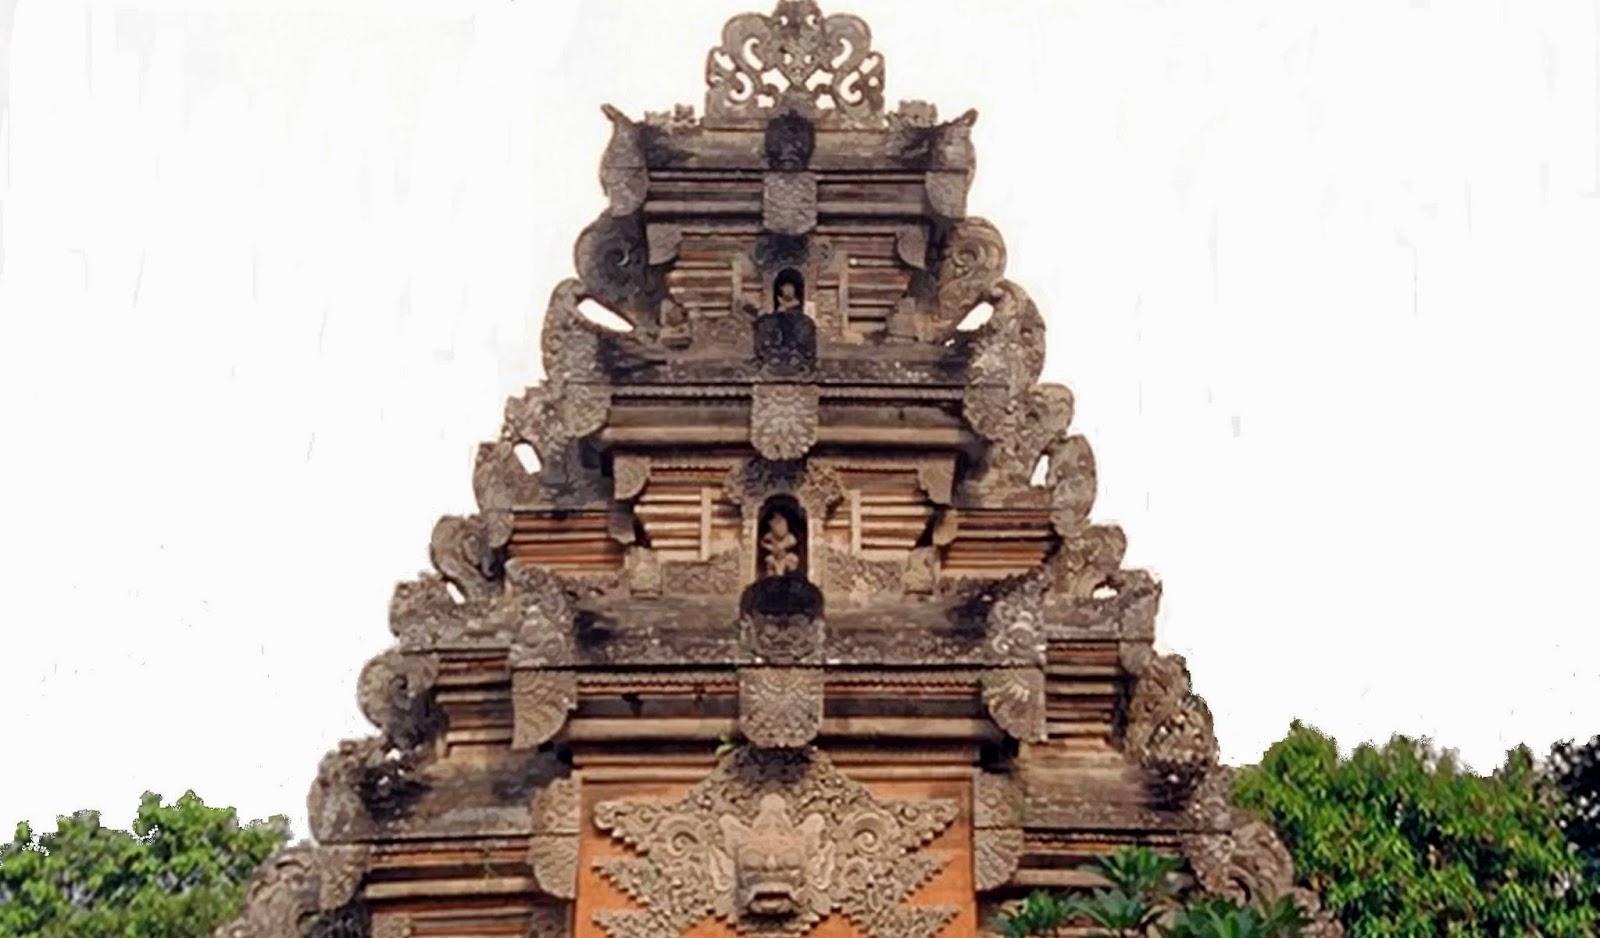 7 Tujuan Wisata Unik dan Menarik di Bali